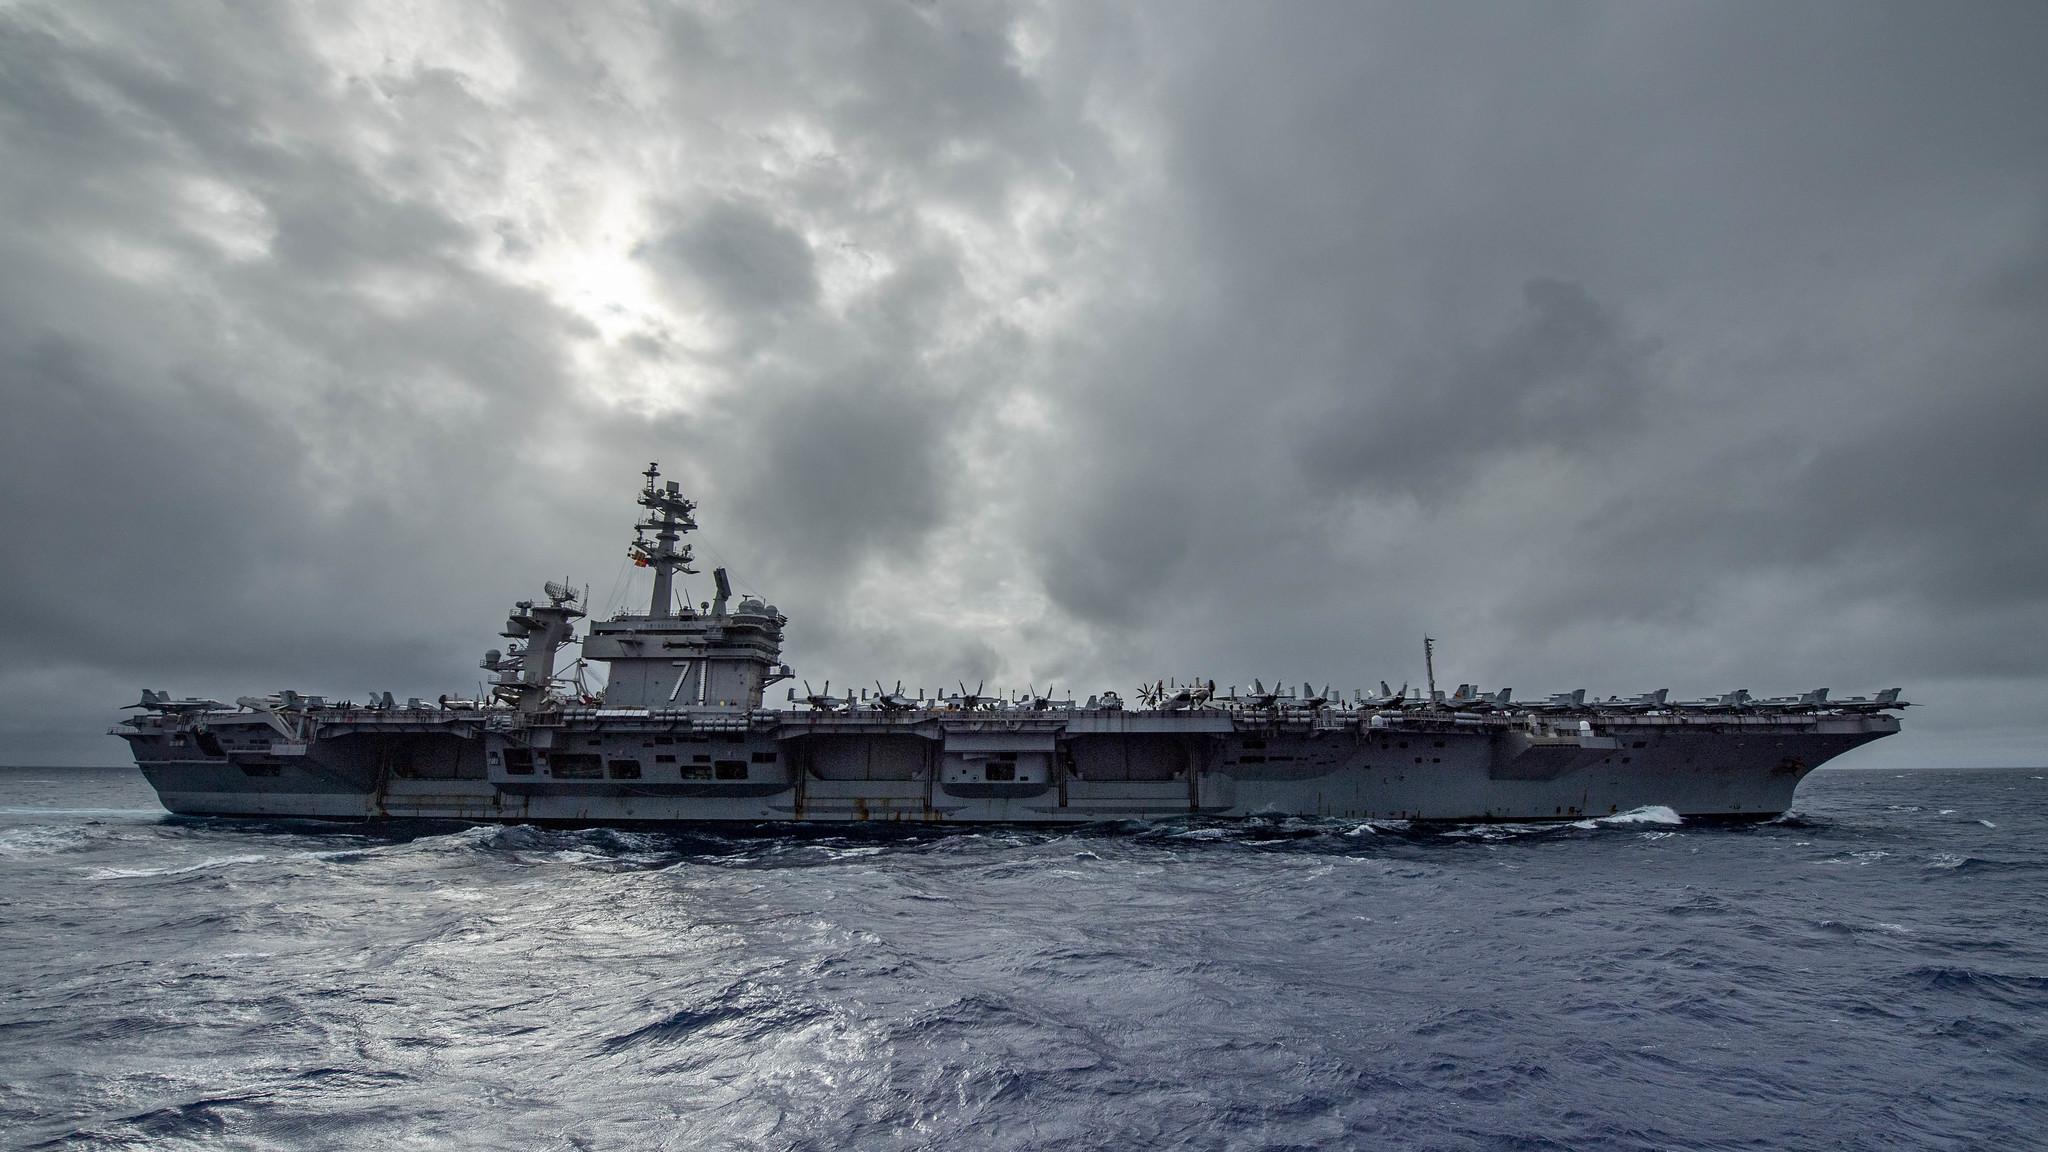 The aircraft carrier USS Theodore Roosevelt (CVN 71) transits the Pacific Ocean, Jan. 12, 2021. (MC3 Jason Waite/Navy)